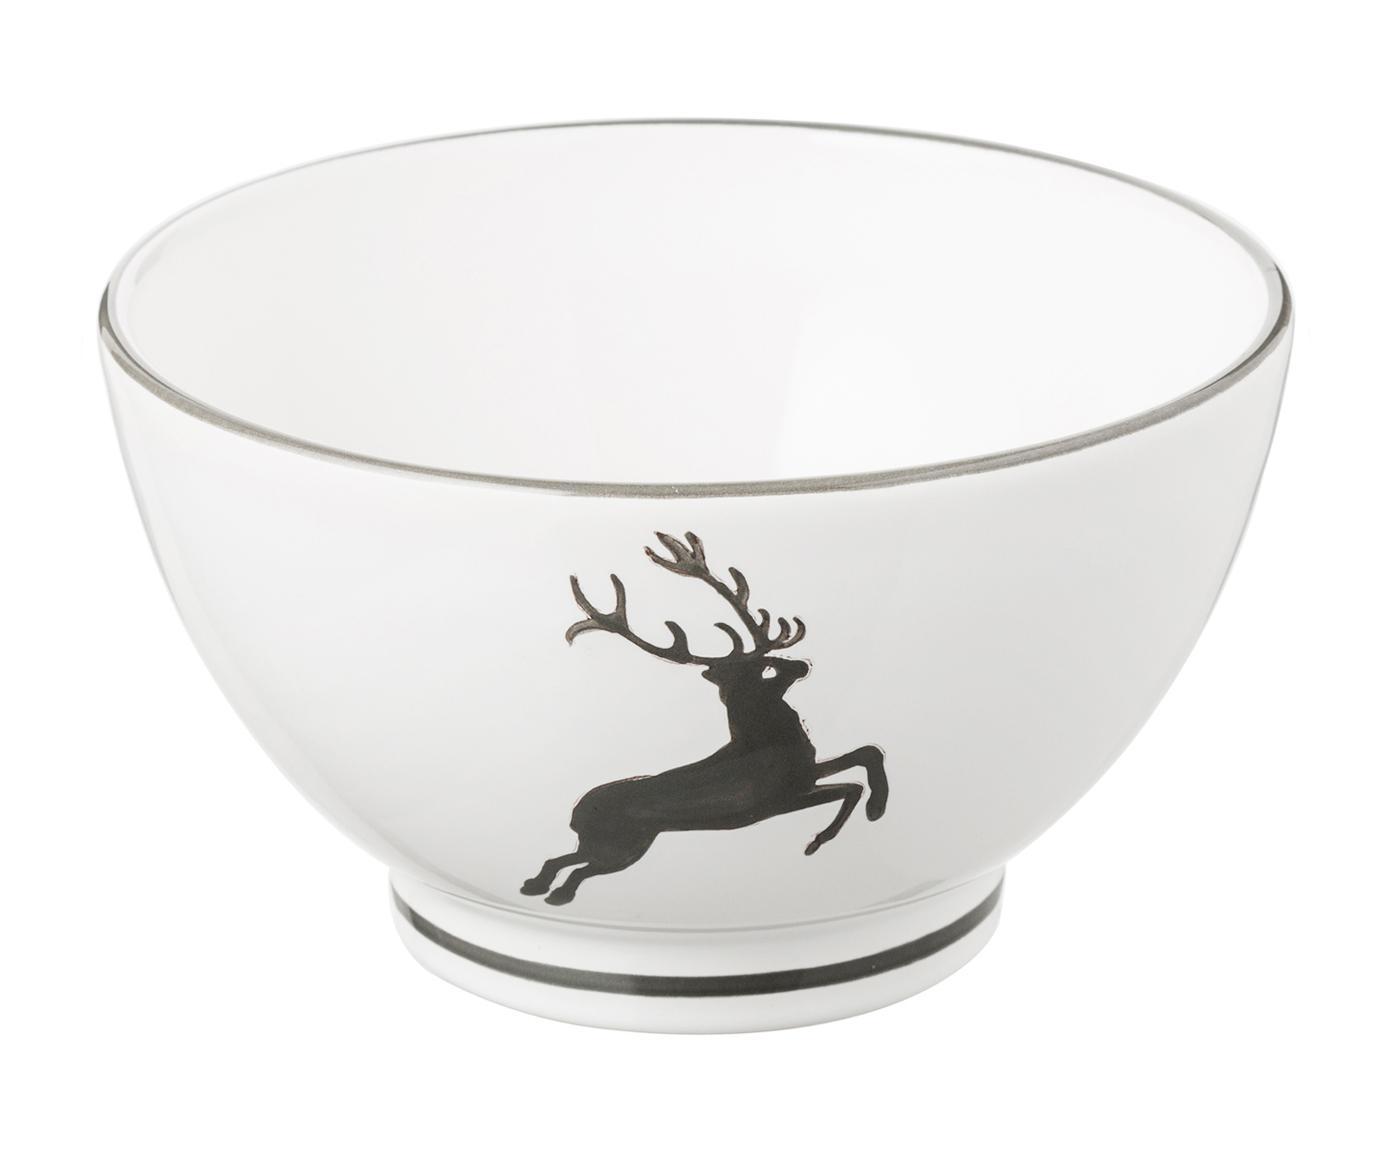 Handbemaltes Schälchen Grauer Hirsch, Keramik, Grau,Weiß, Ø 14 cm